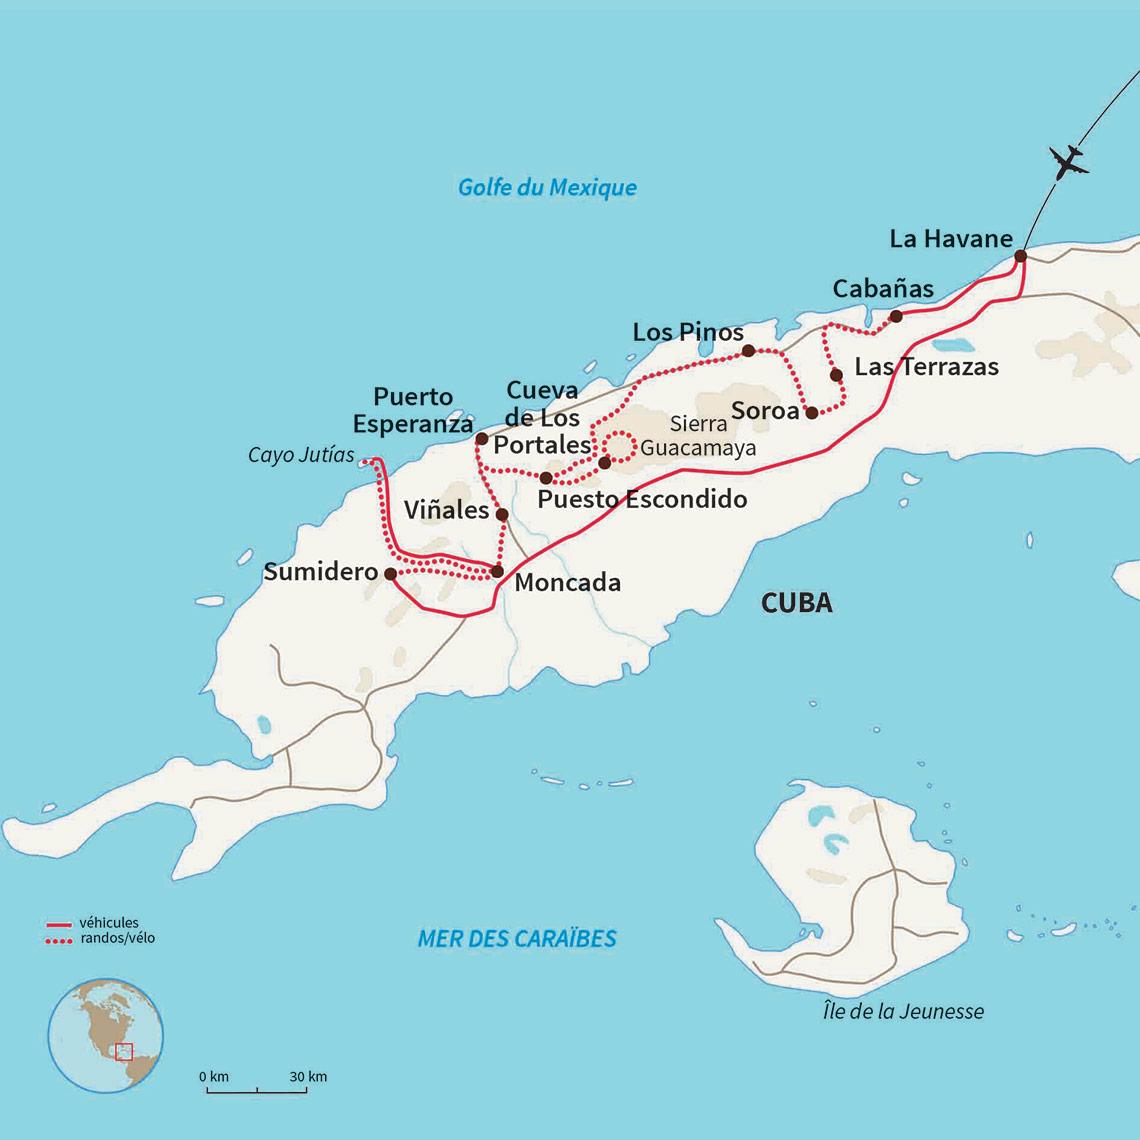 Assurance Carte Bleue Cuba.Velo Cuba Cyclotrek A Cuba Nomade Aventure